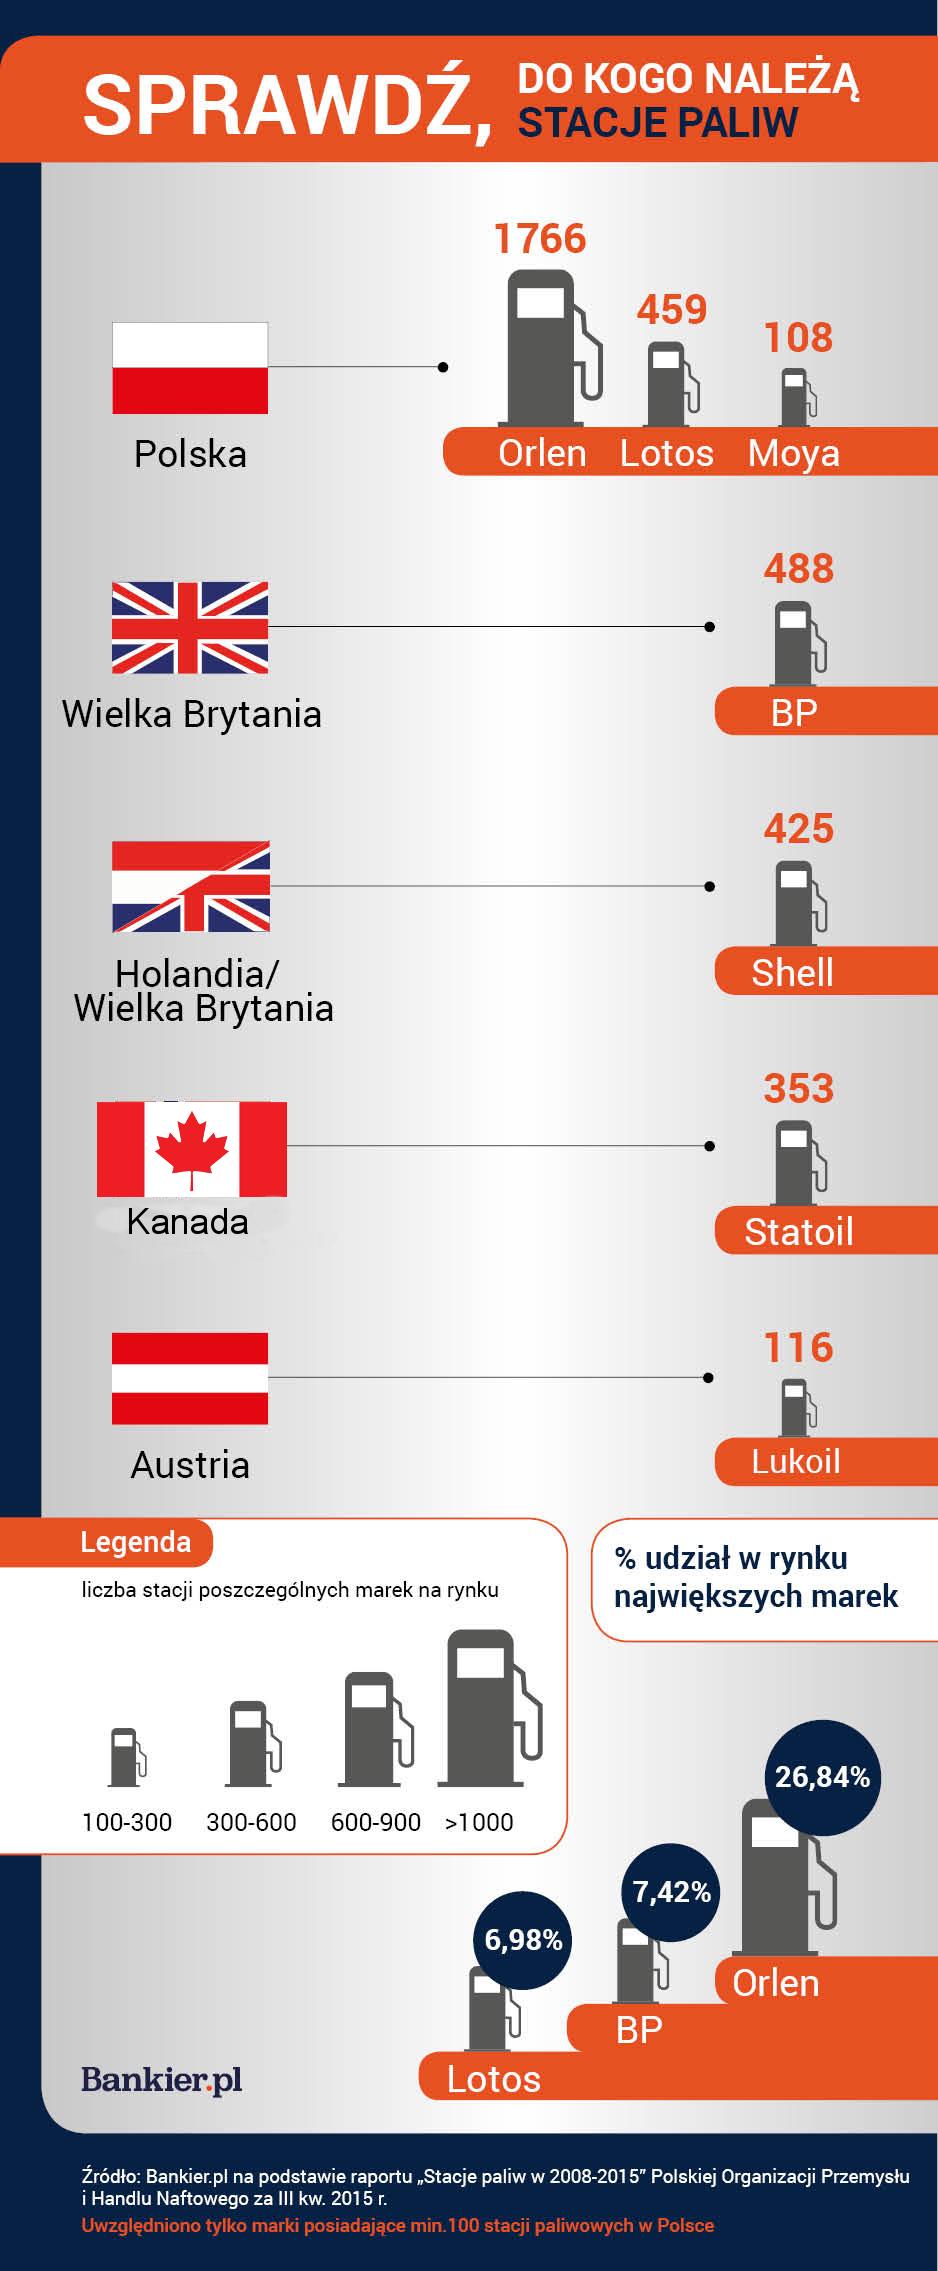 Sprawdz Do Kogo Naleza Stacje Paliw W Polsce Bankier Pl